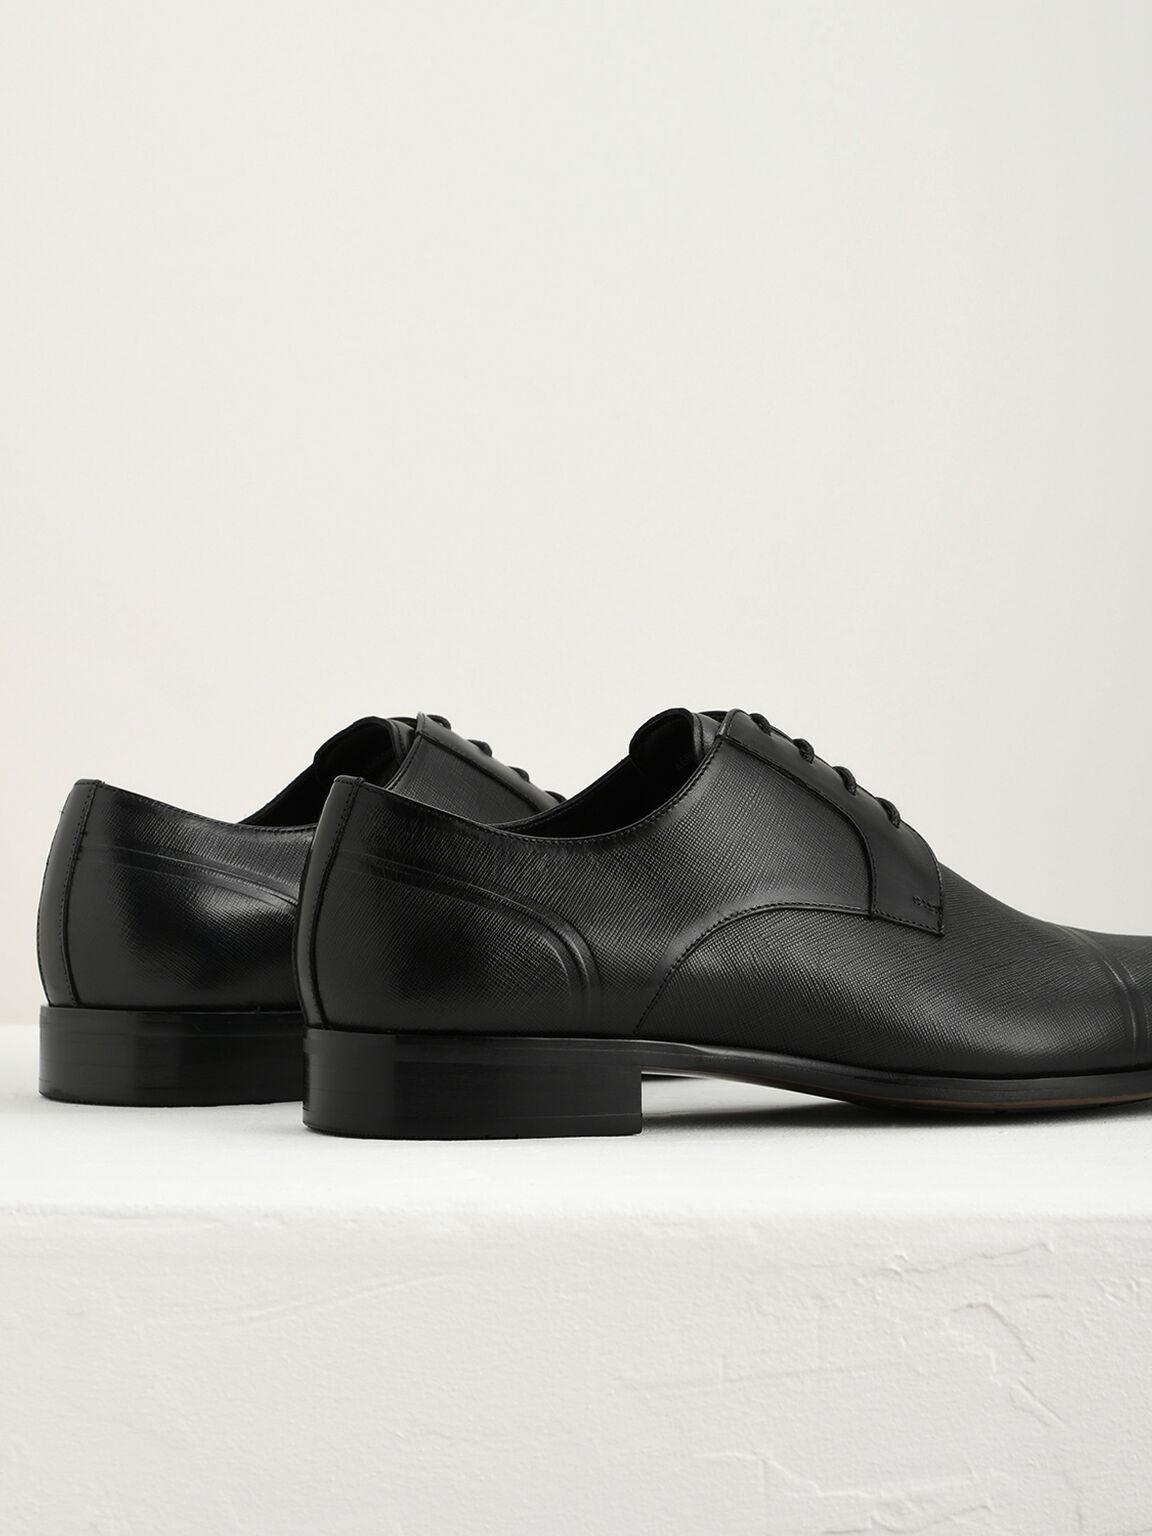 壓花皮革德比鞋, 黑色, hi-res